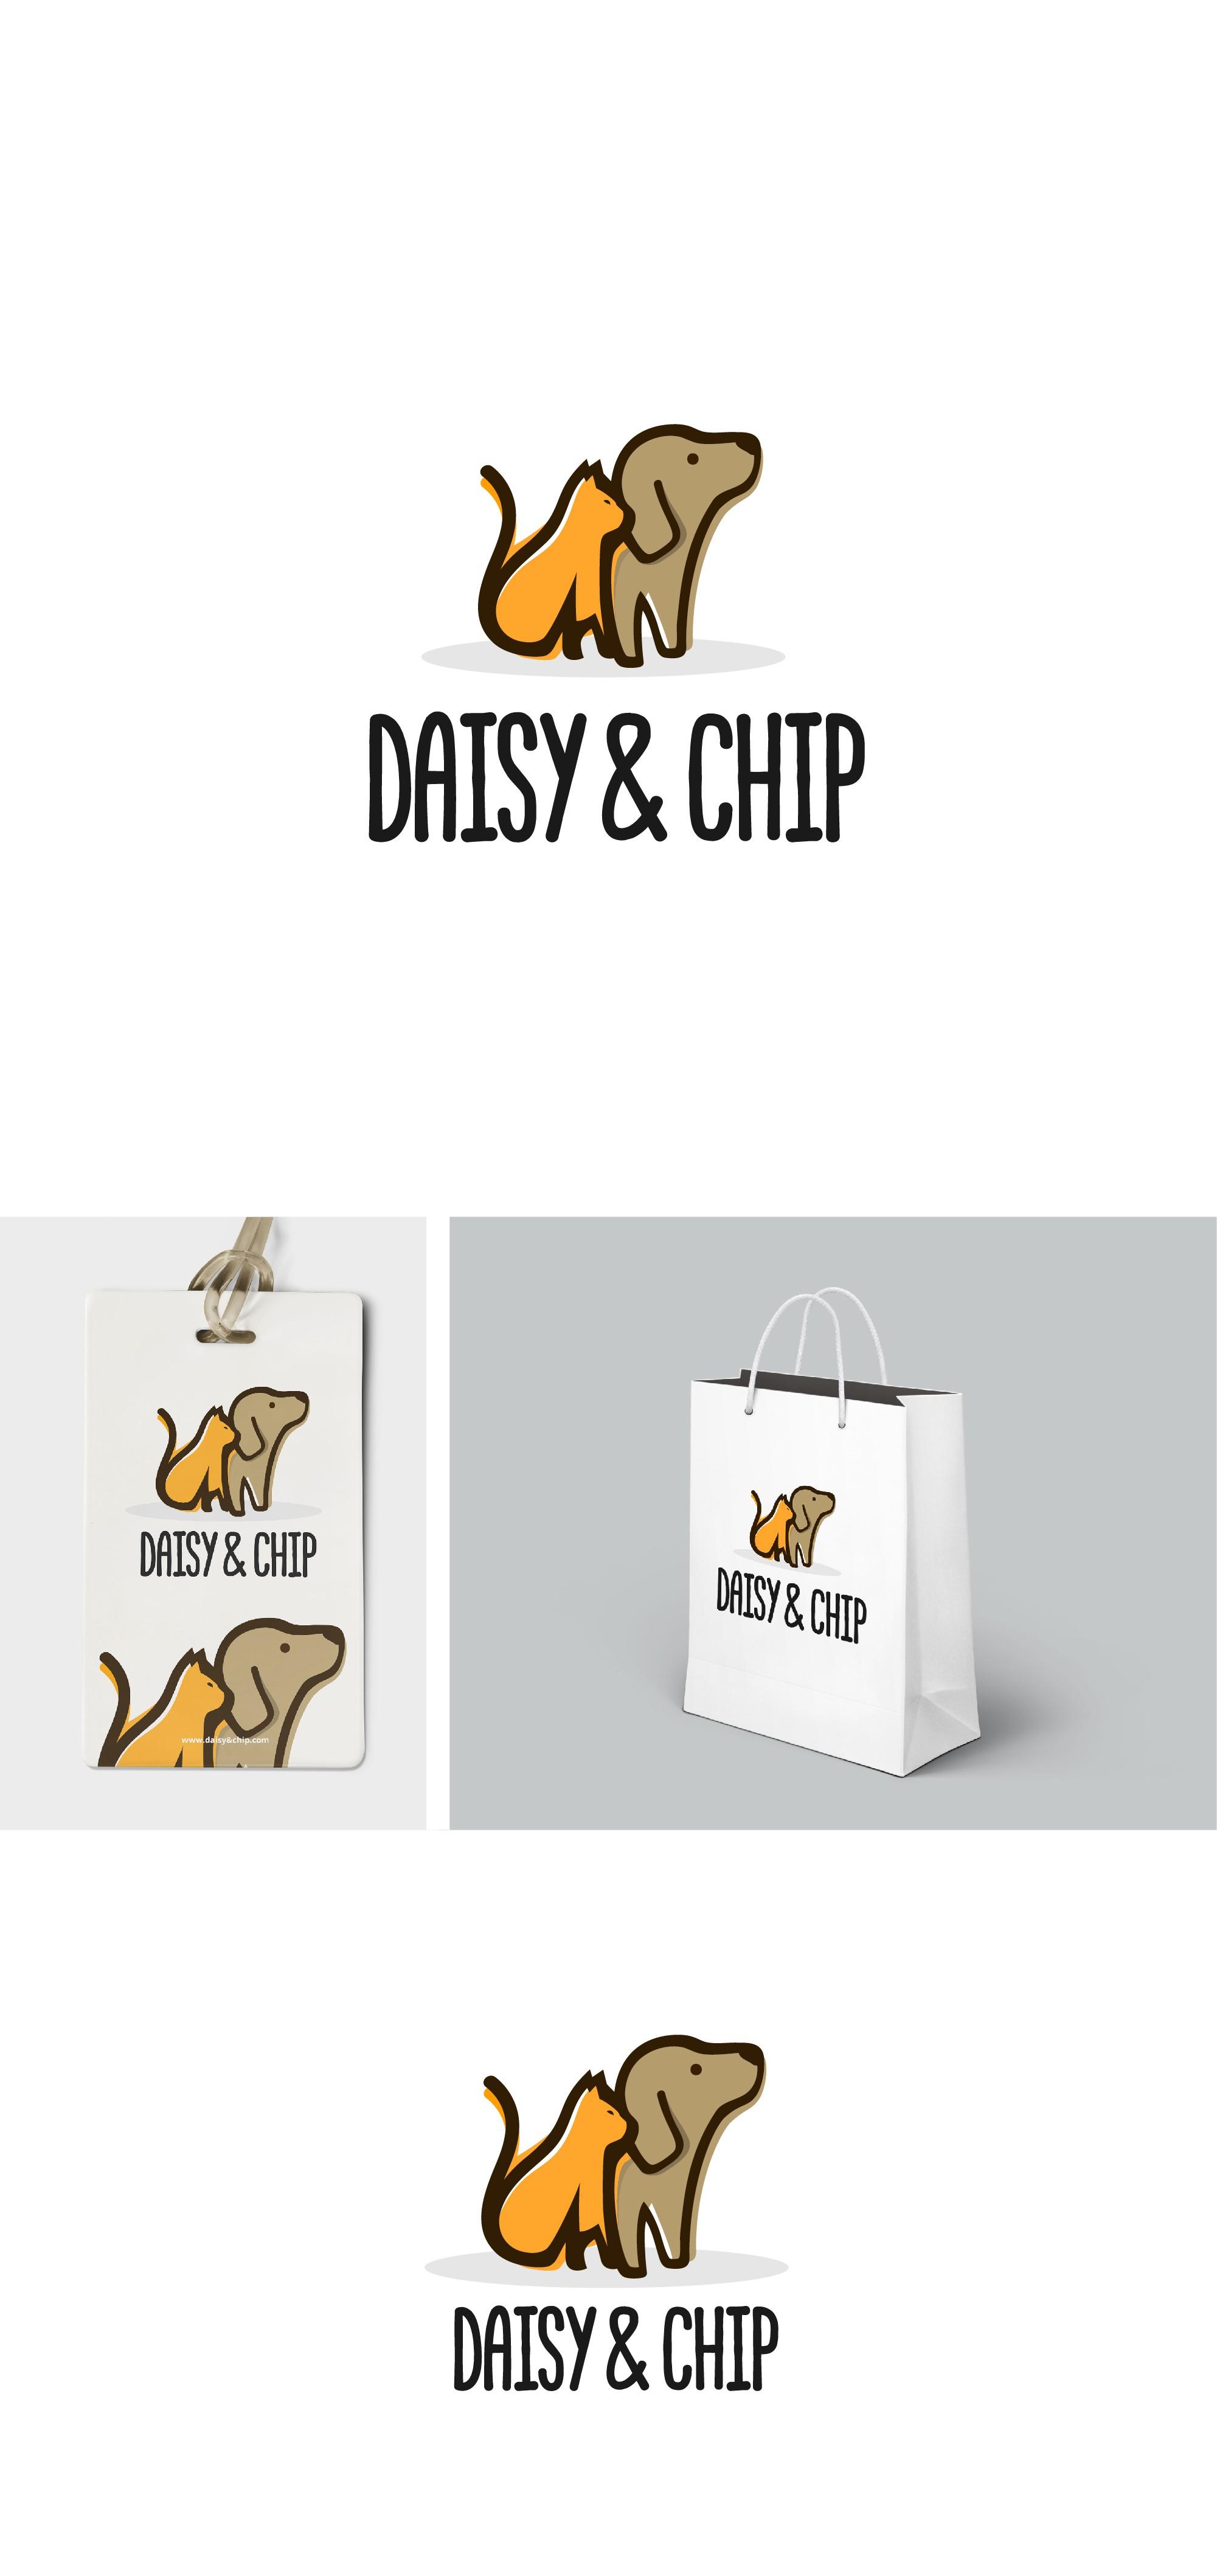 Daisy & Chip